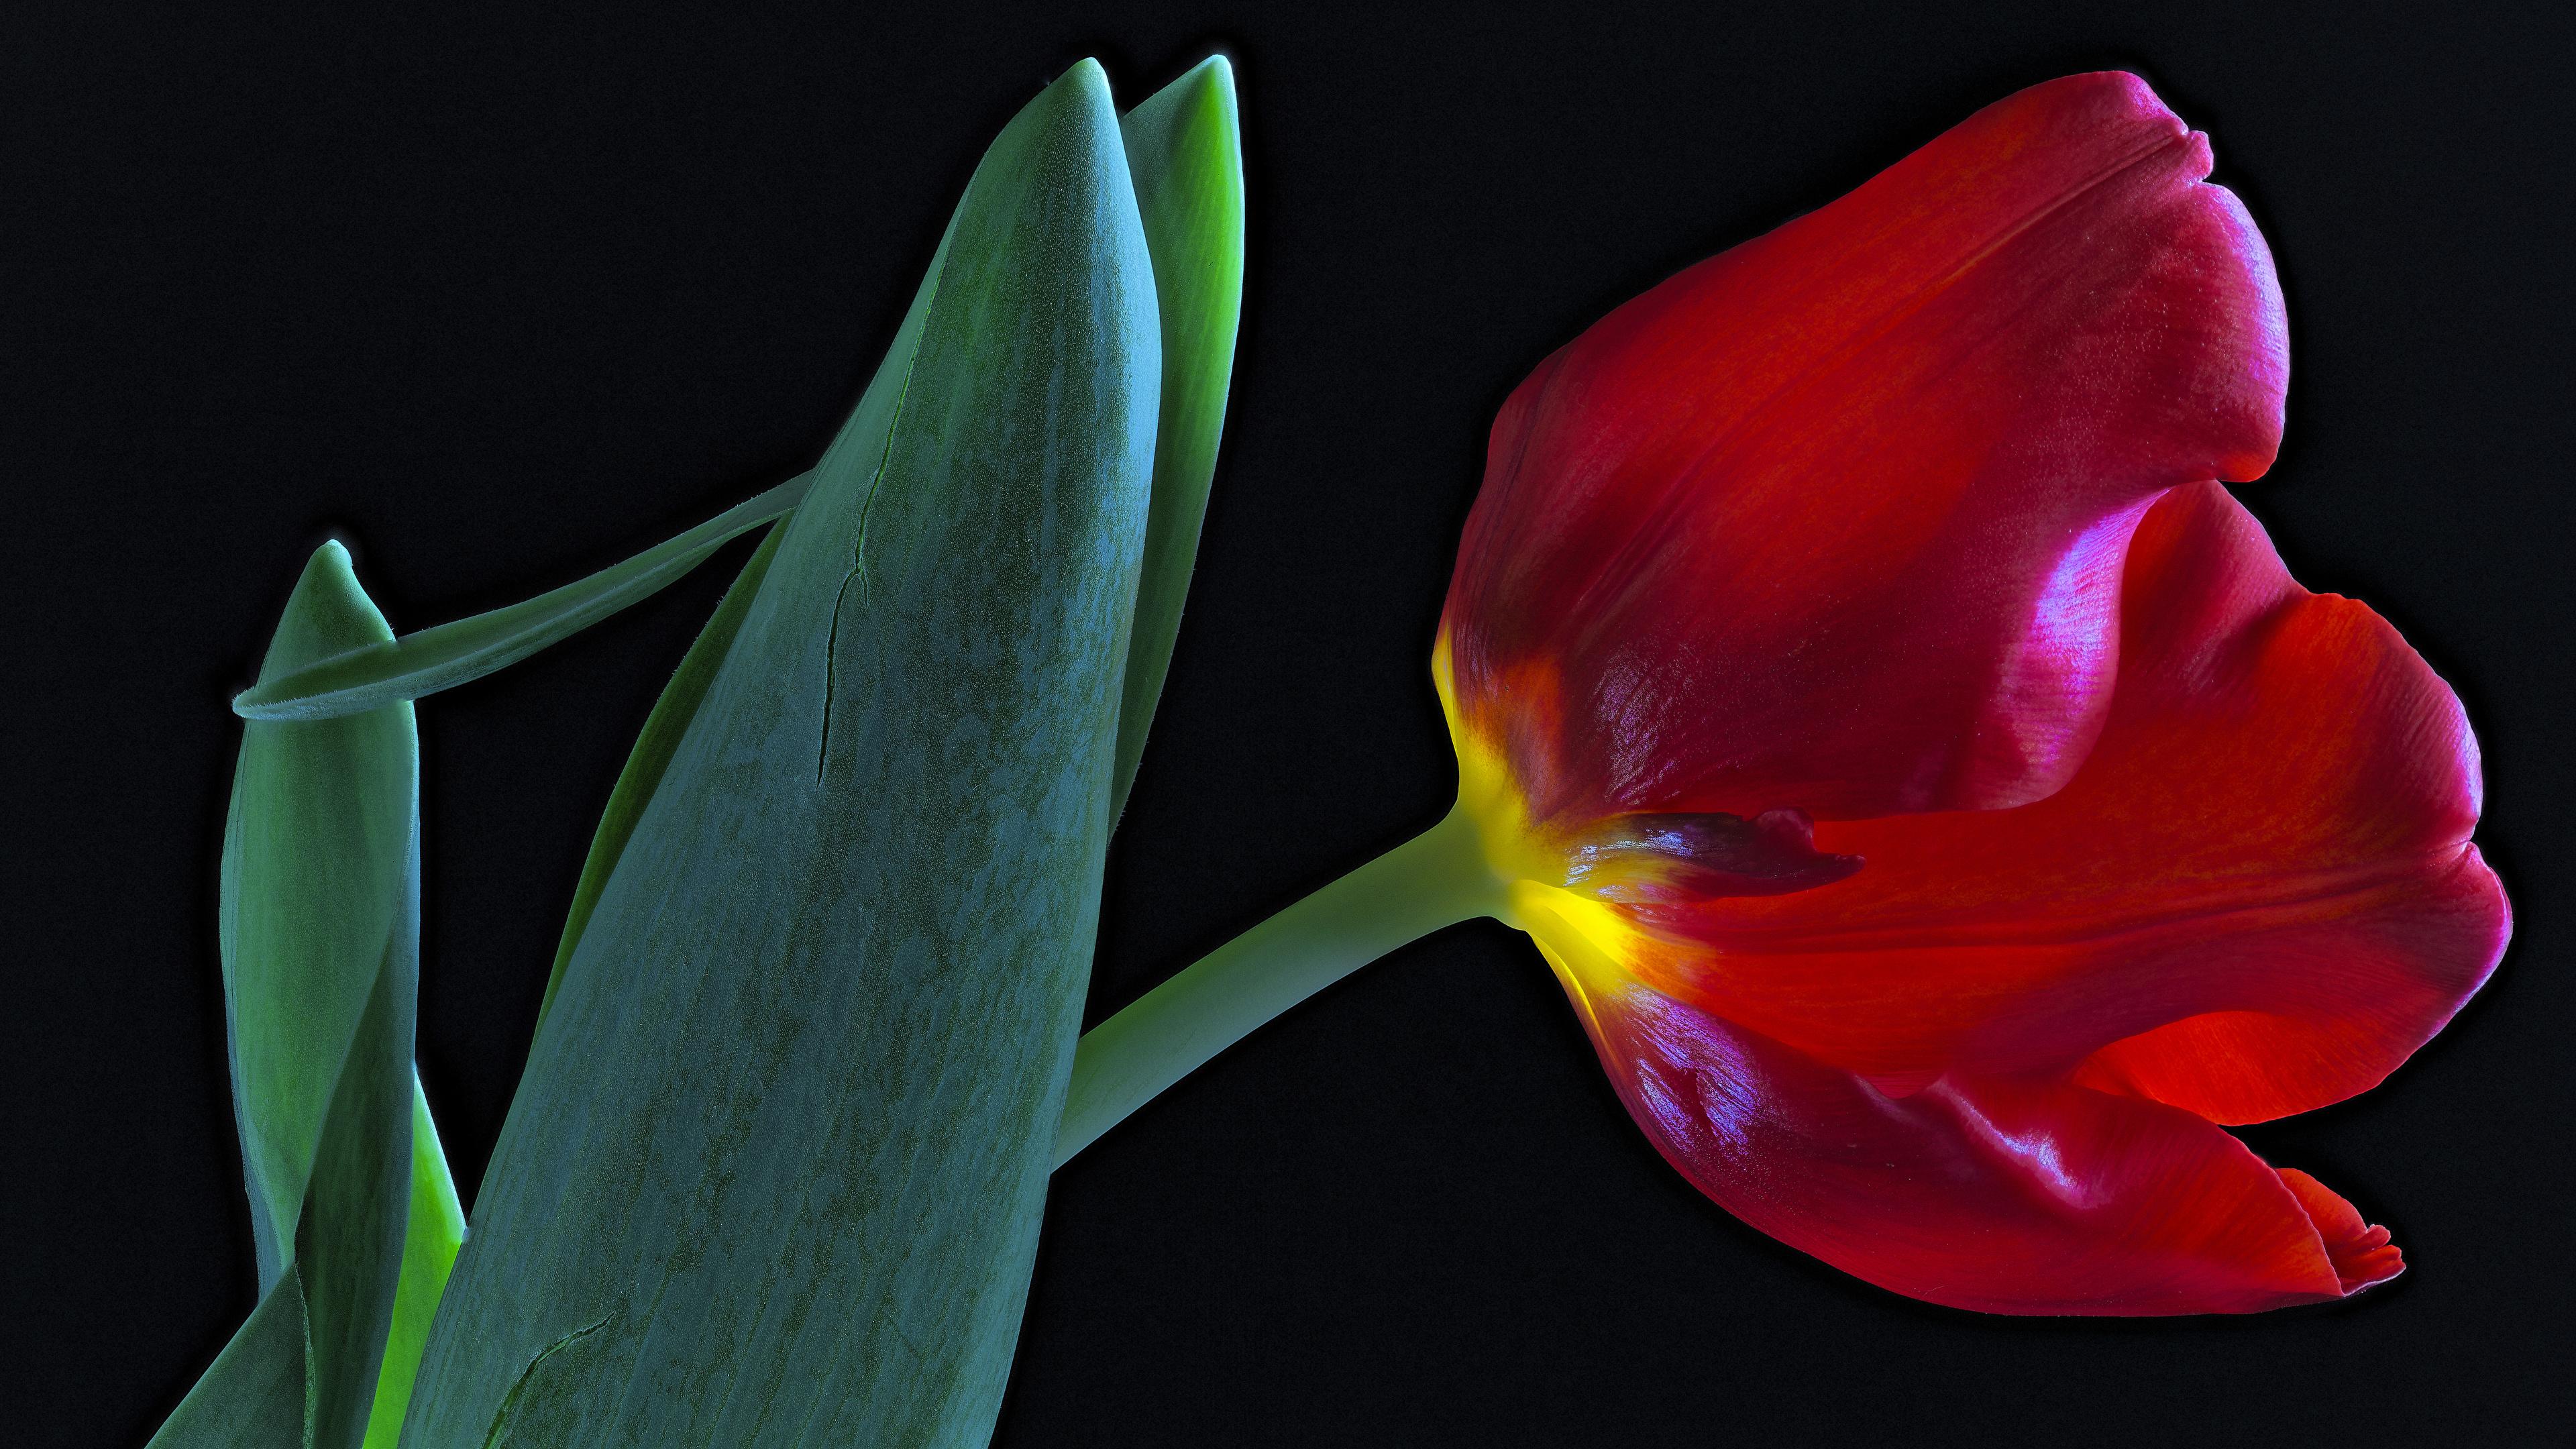 Фотография красная Тюльпаны Цветы вблизи Черный фон 3840x2160 красных красные Красный Крупным планом